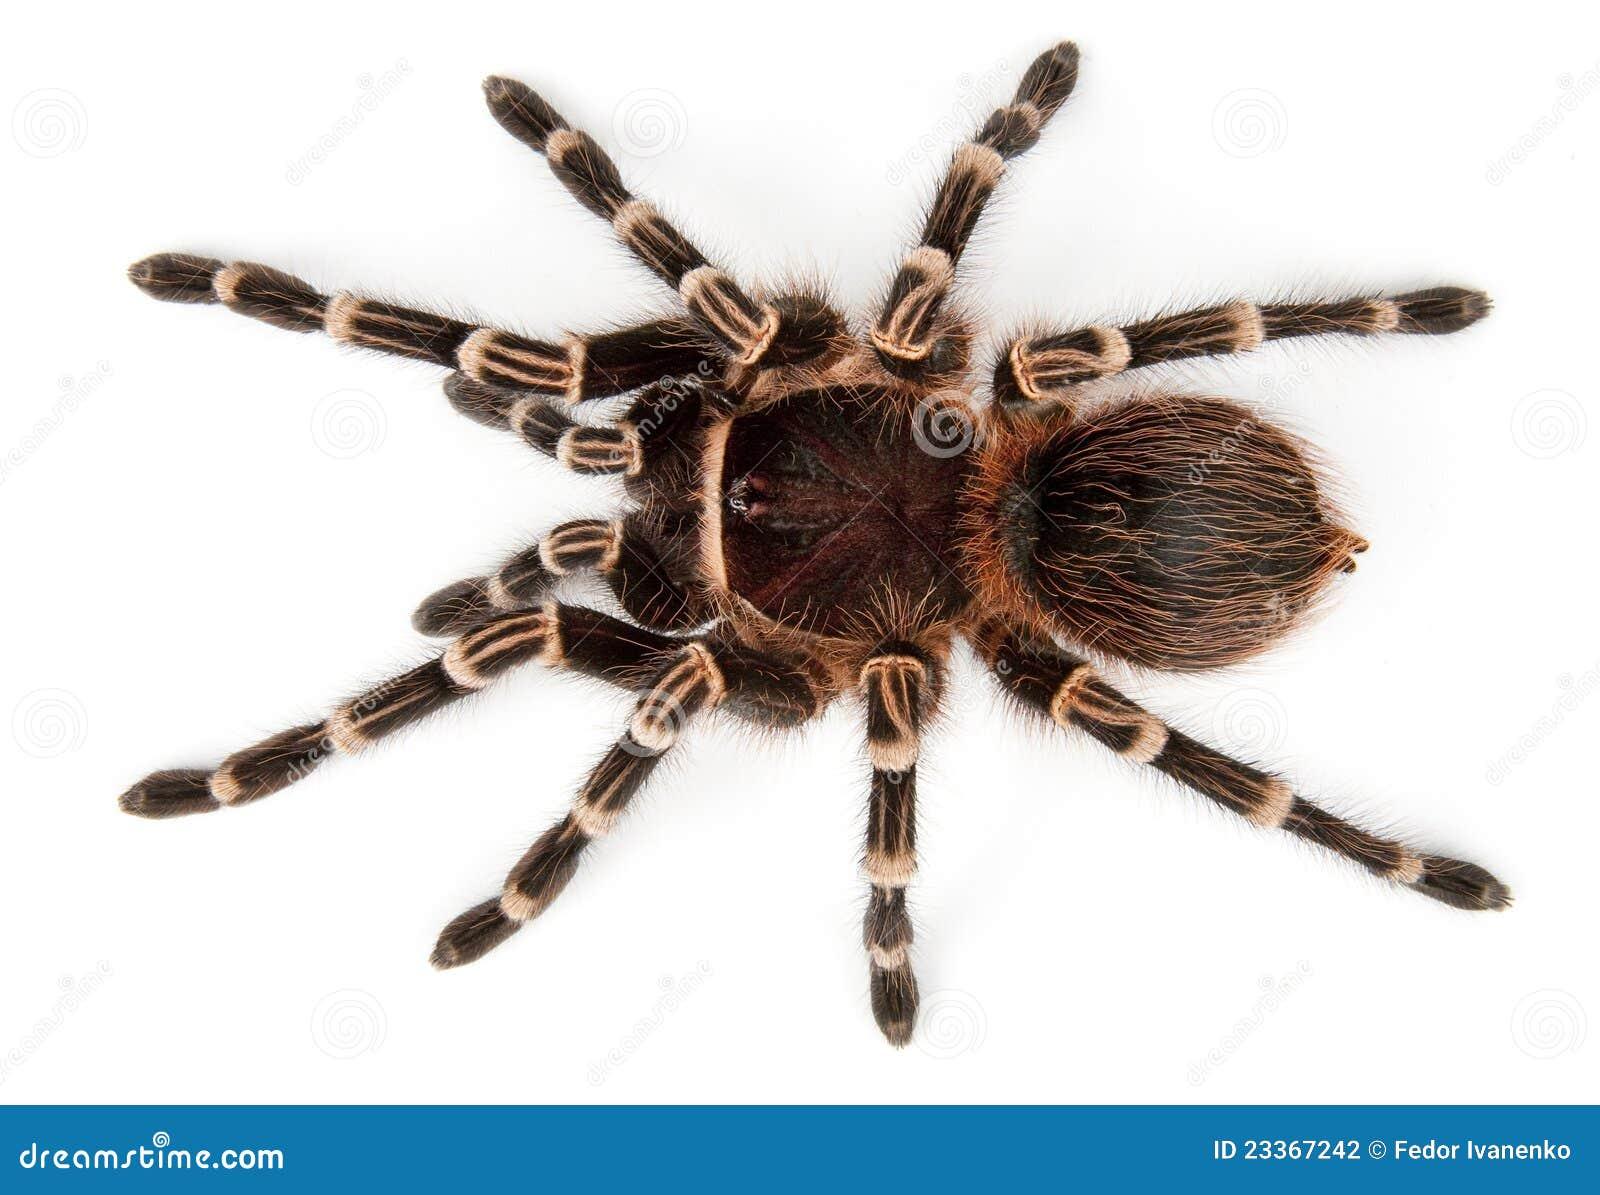 Tarantula Top View Stock Photography Image 23367242